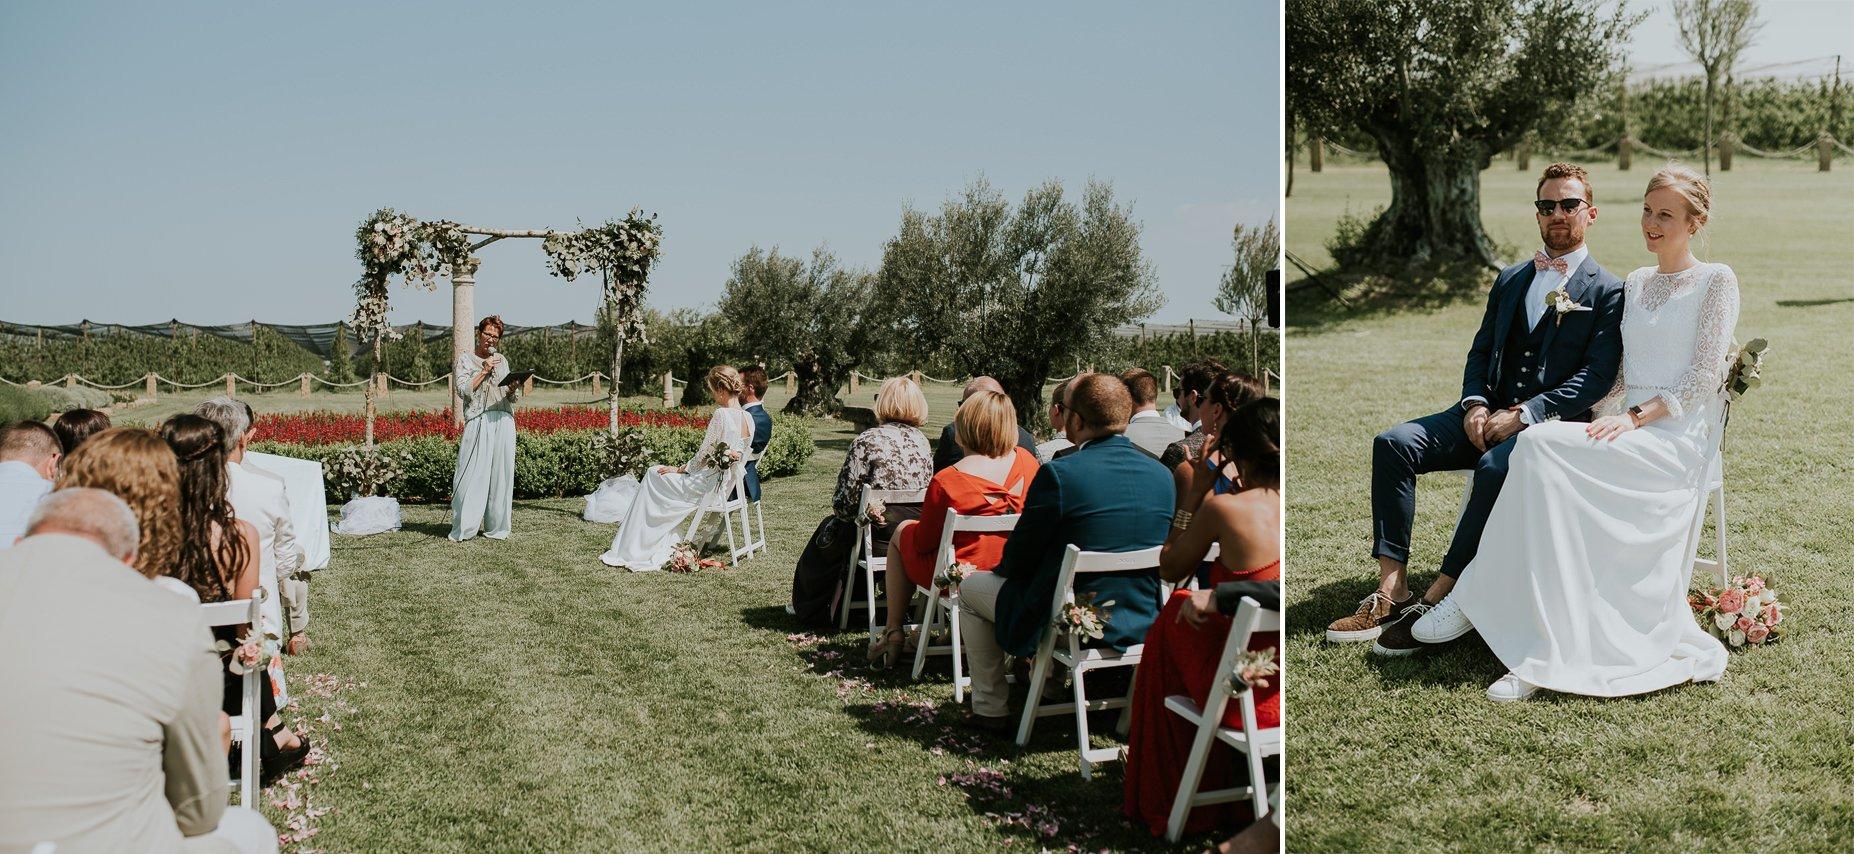 destination wedding in mas gusó